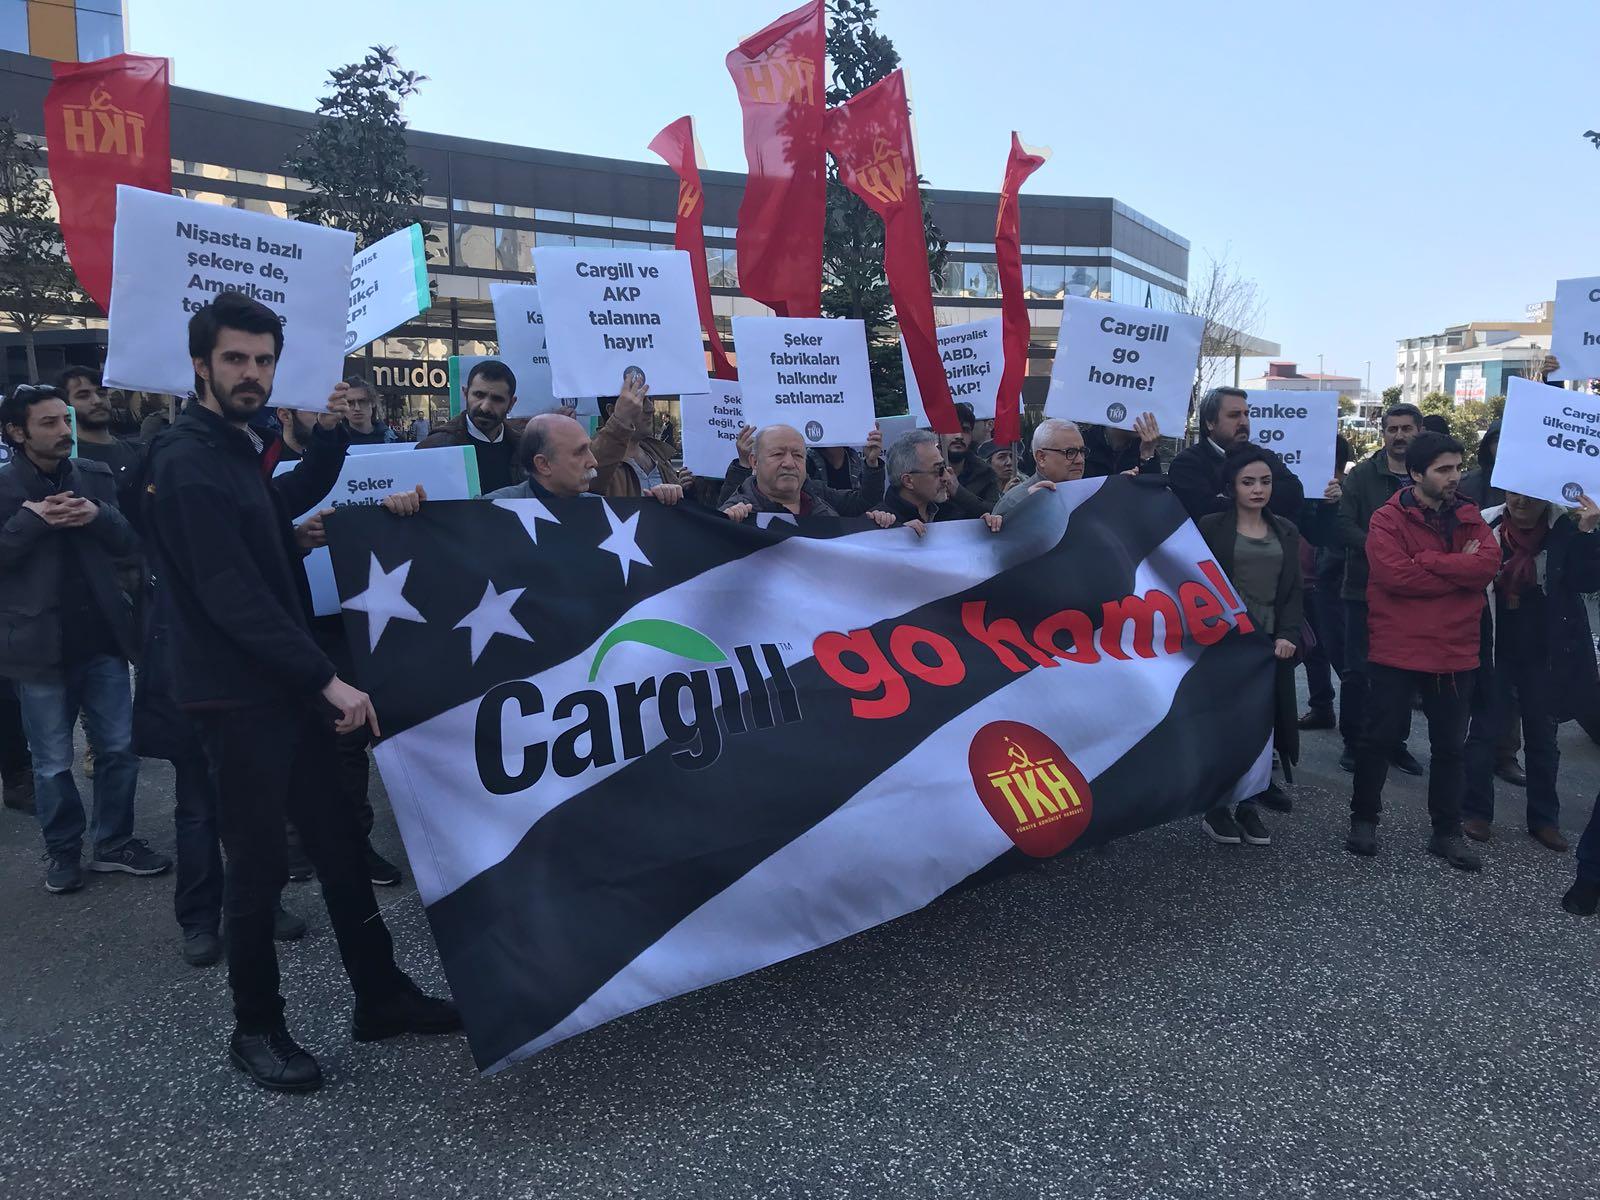 TKH'den İstanbul'da eylem: Cargill de gidecek, emperyalistler de!